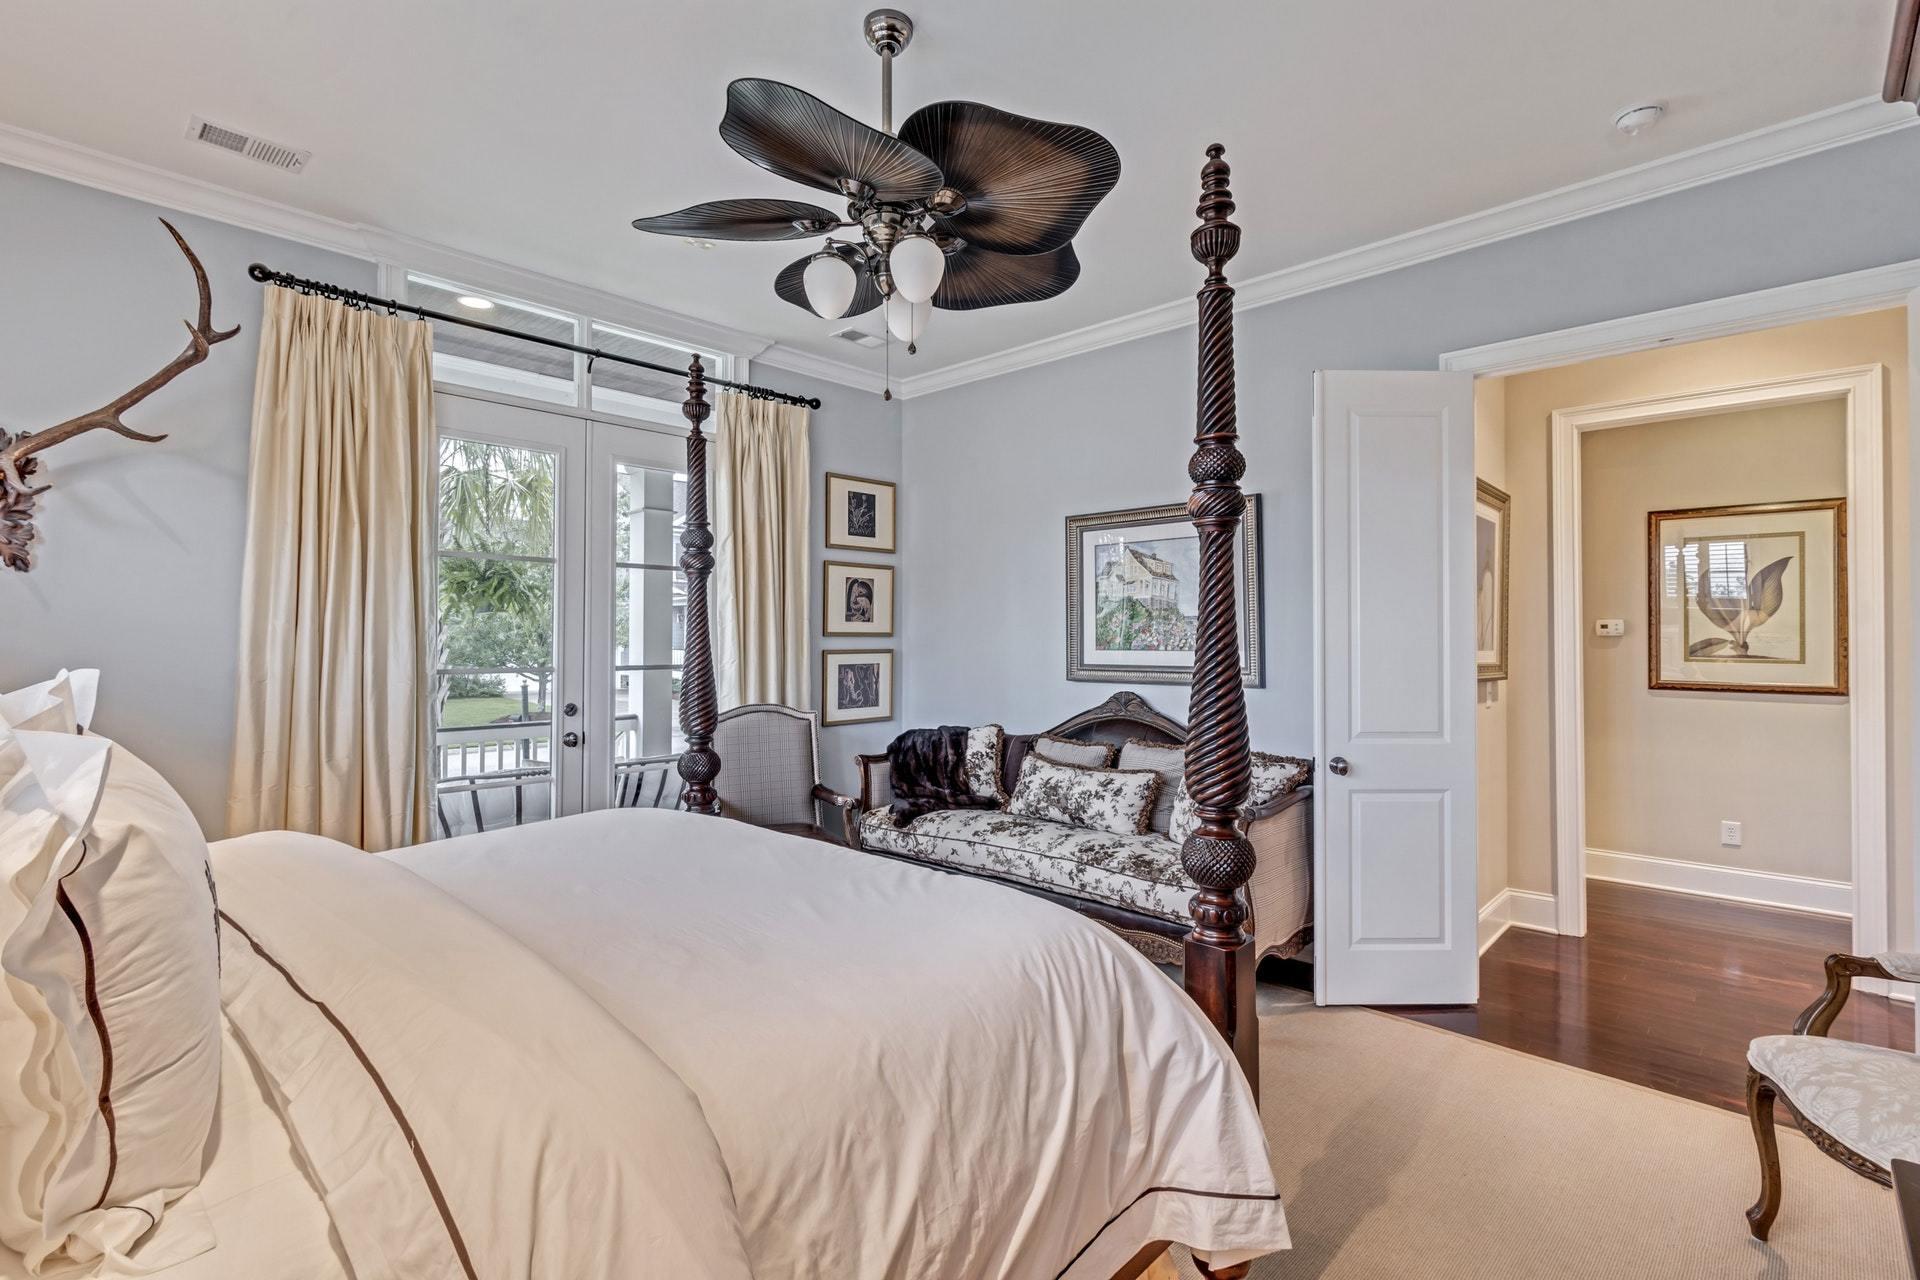 Dunes West Homes For Sale - 2816 River Vista, Mount Pleasant, SC - 44